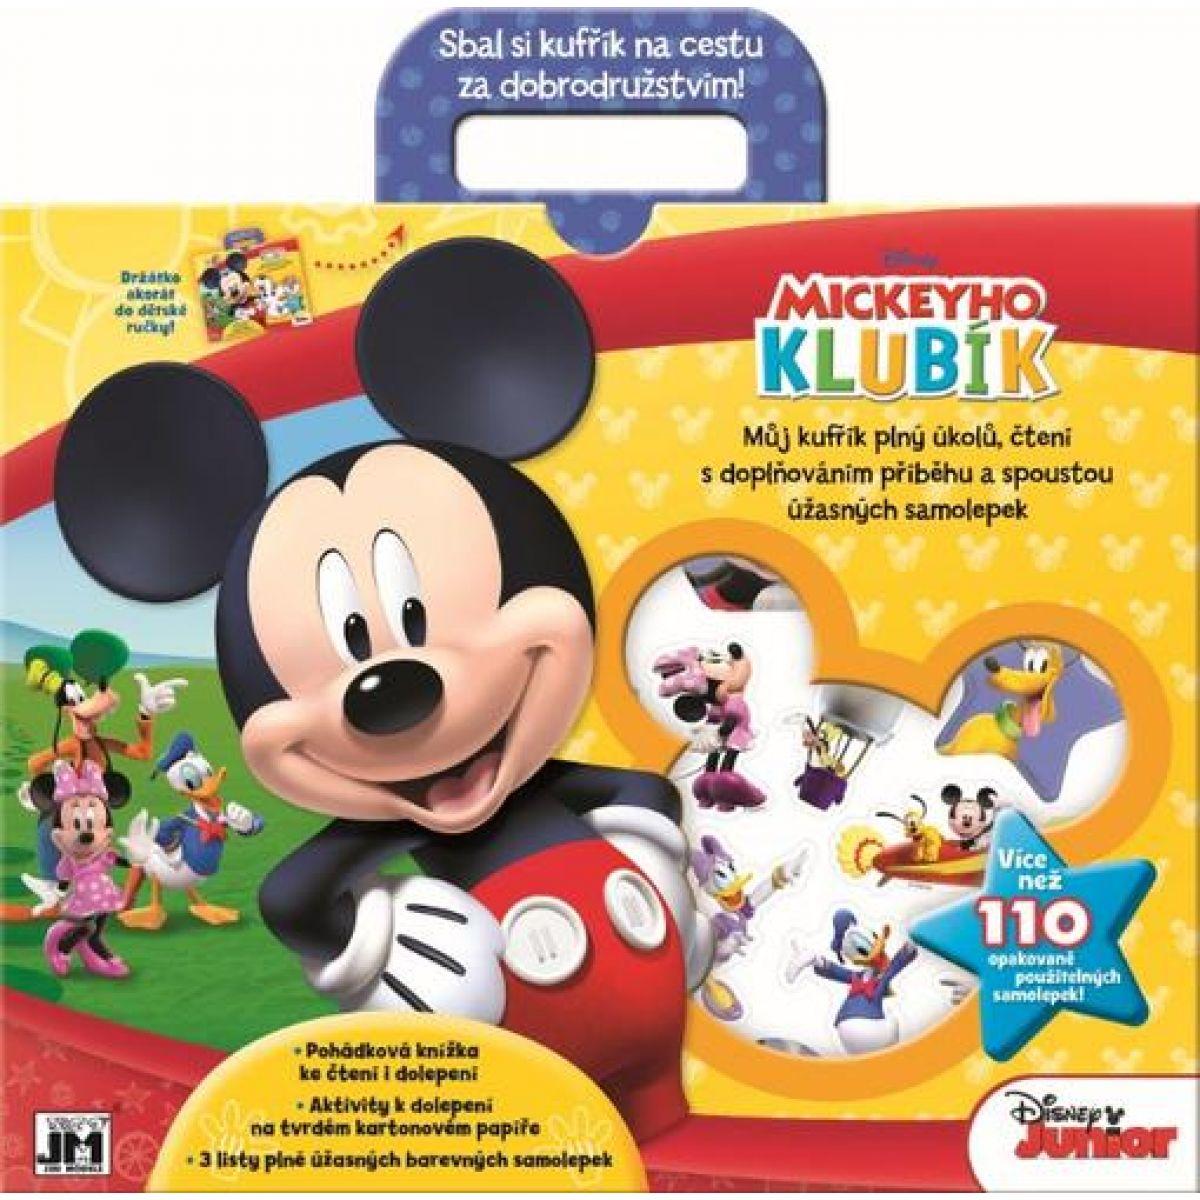 Jiri Models Disney Zábavný kufřík Mickeyho klubík